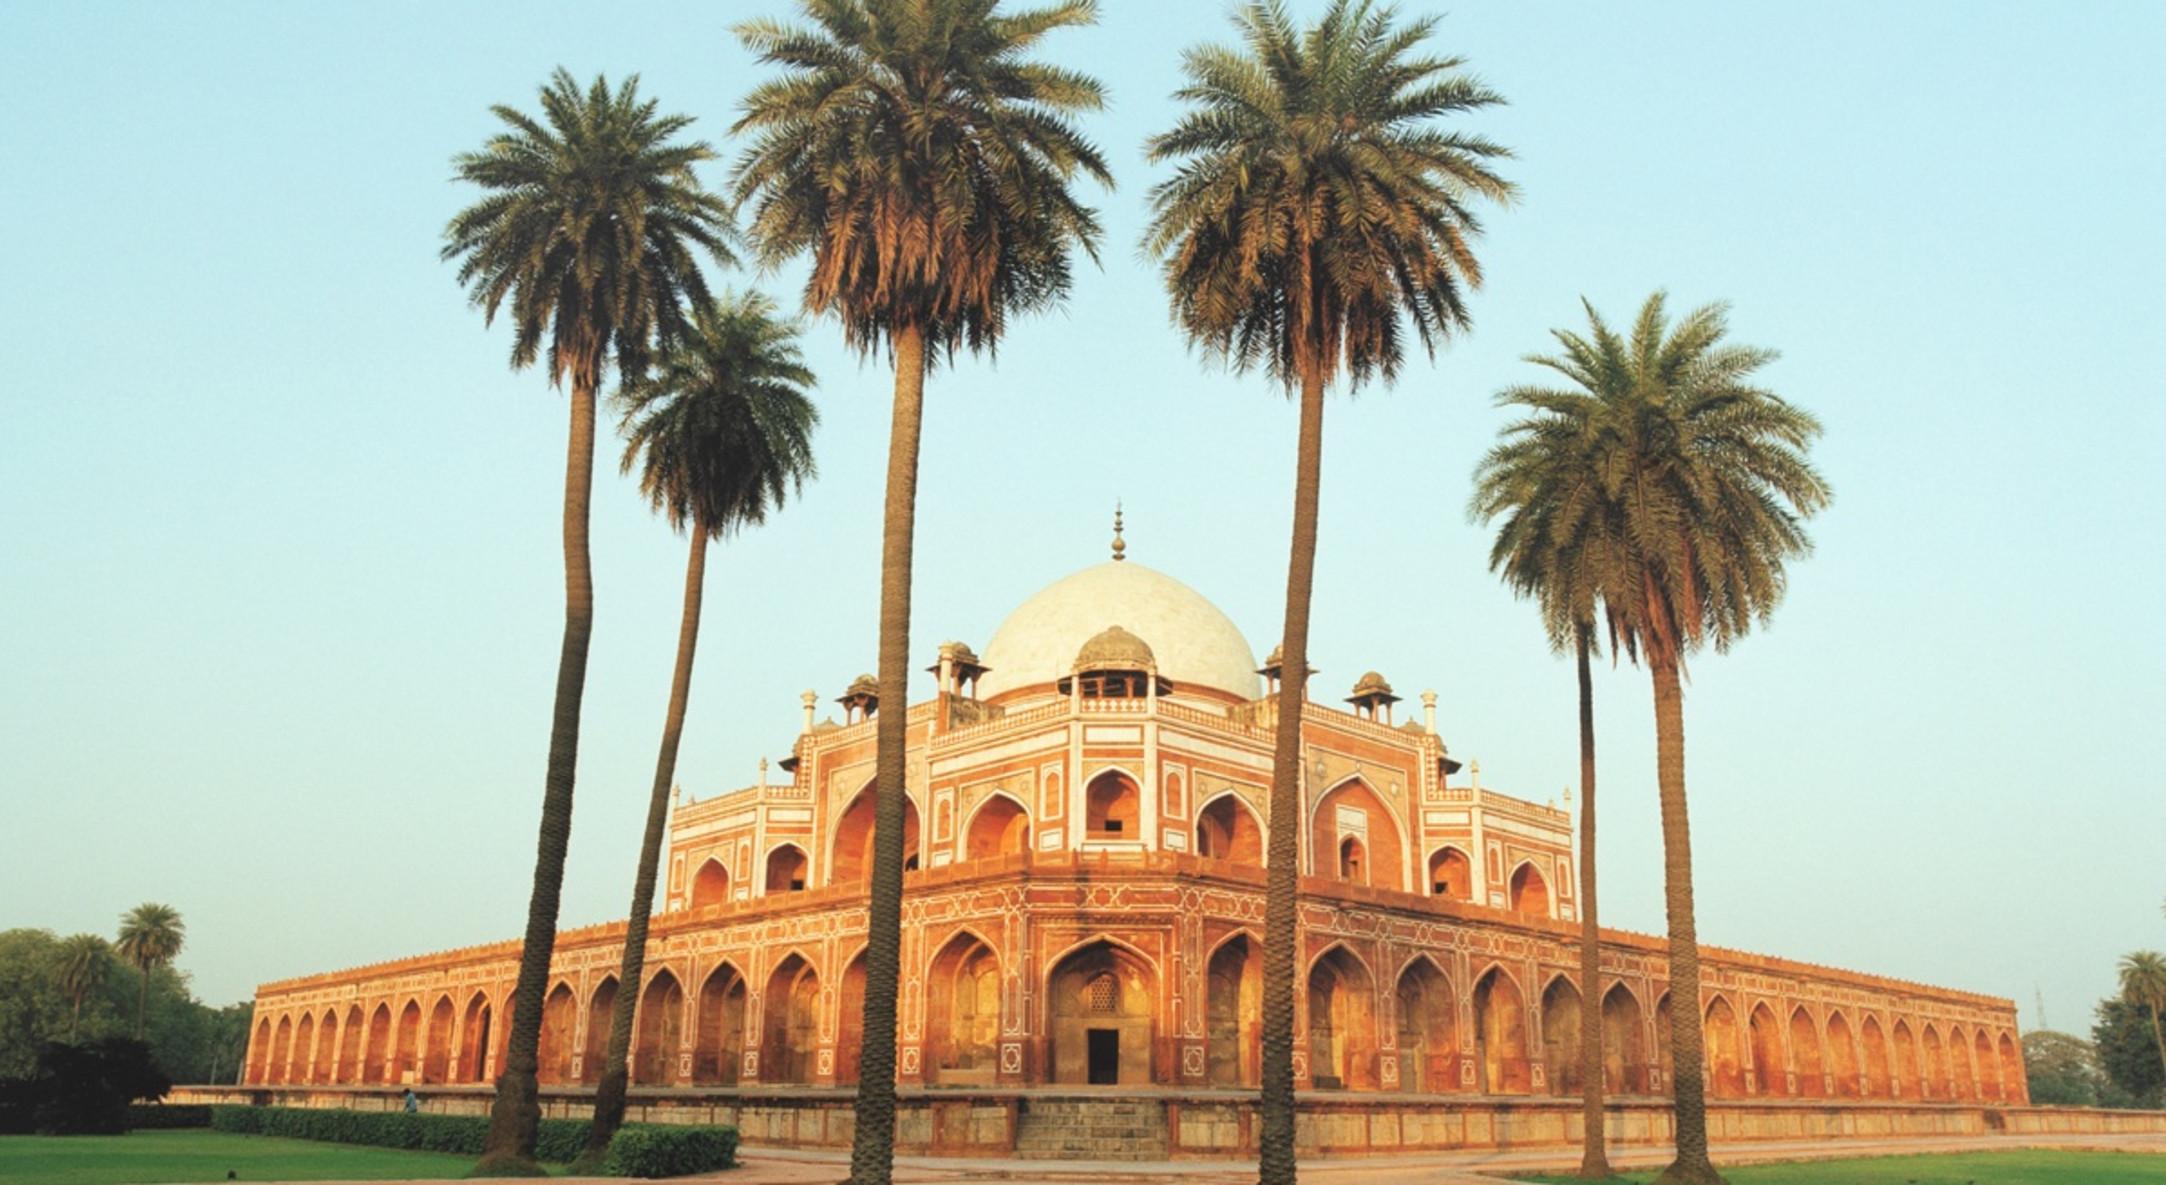 Sunil Gupta, Humayuns Tomb, 2004/2029, (detail)